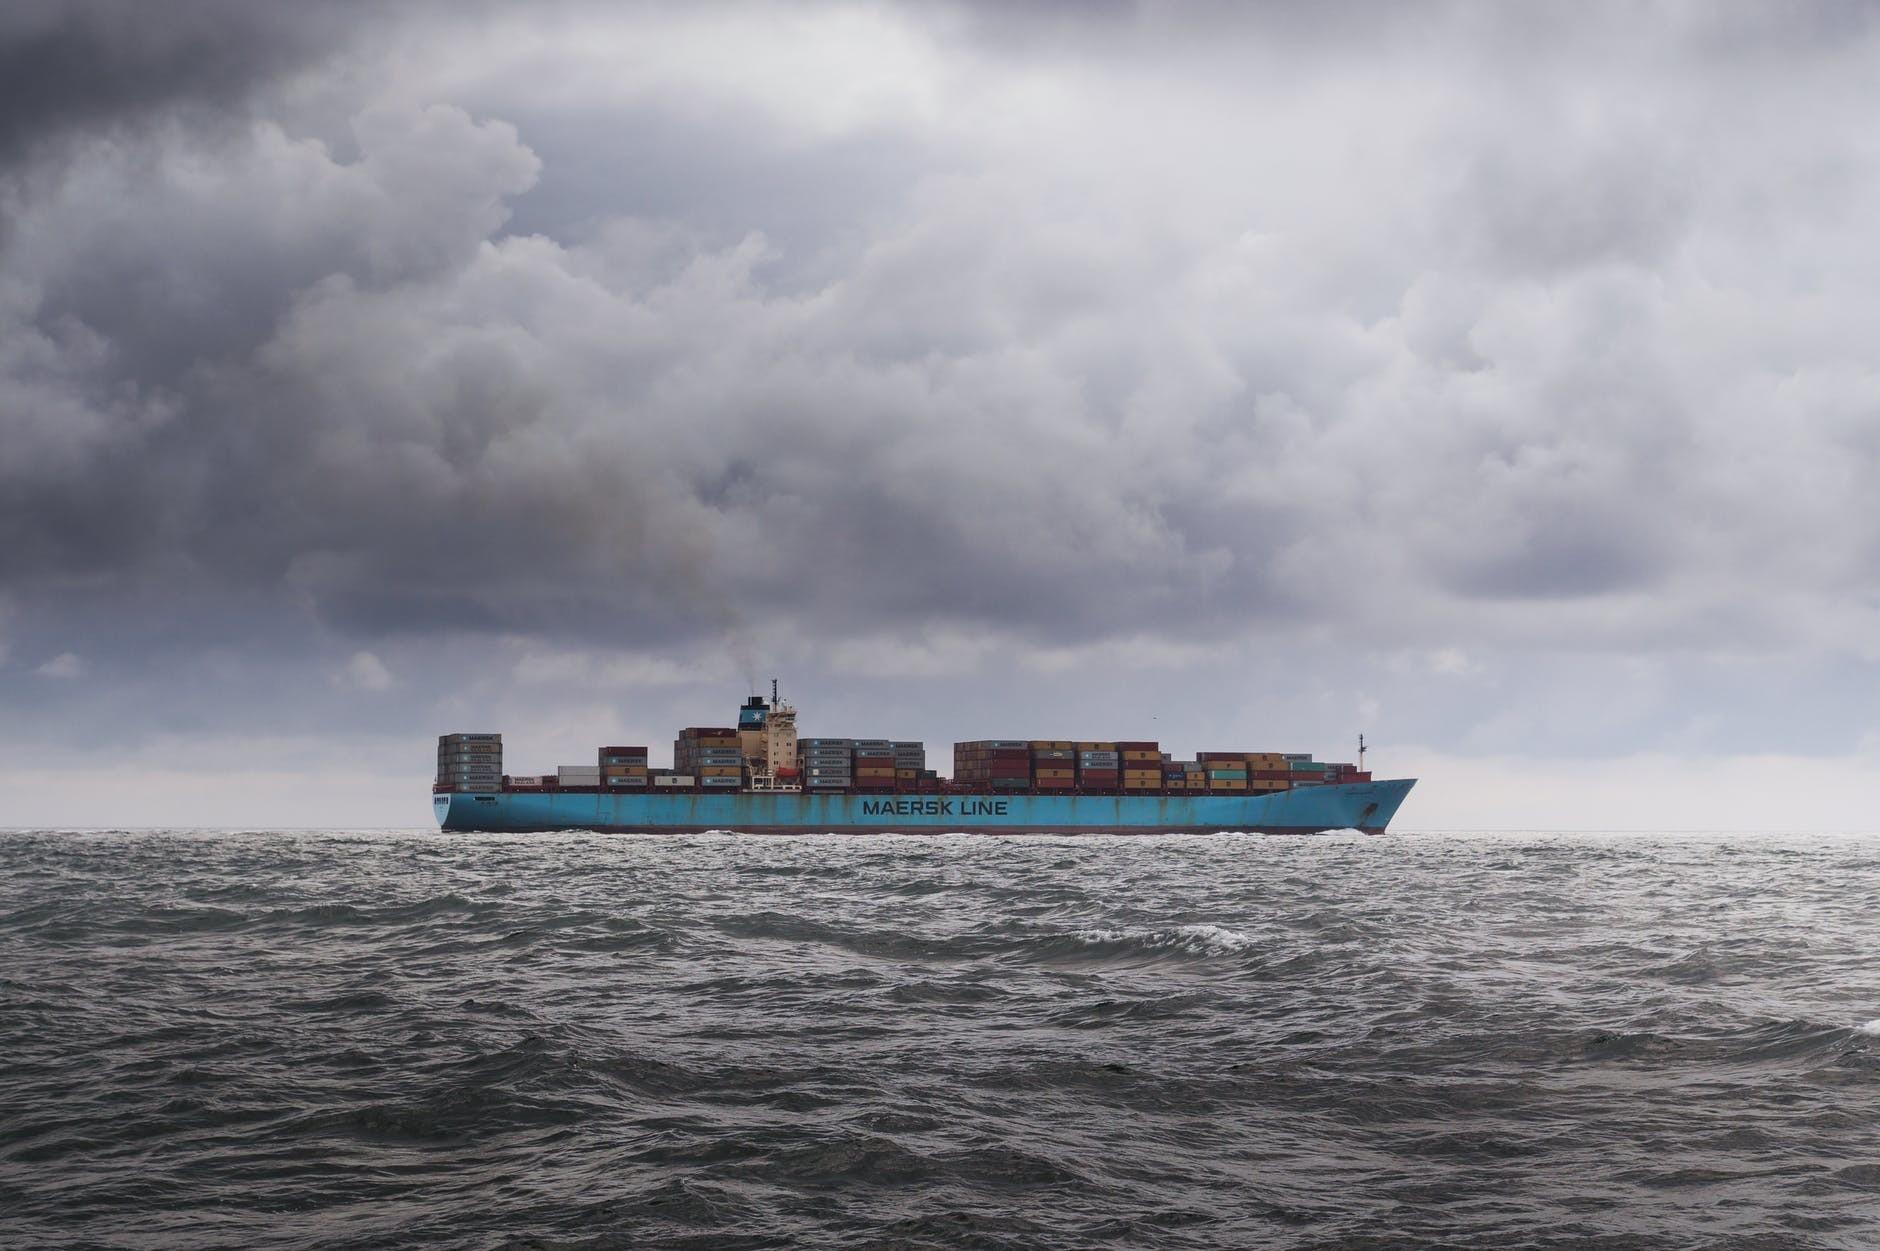 港口拥堵将持续到明年 集装箱短缺严重